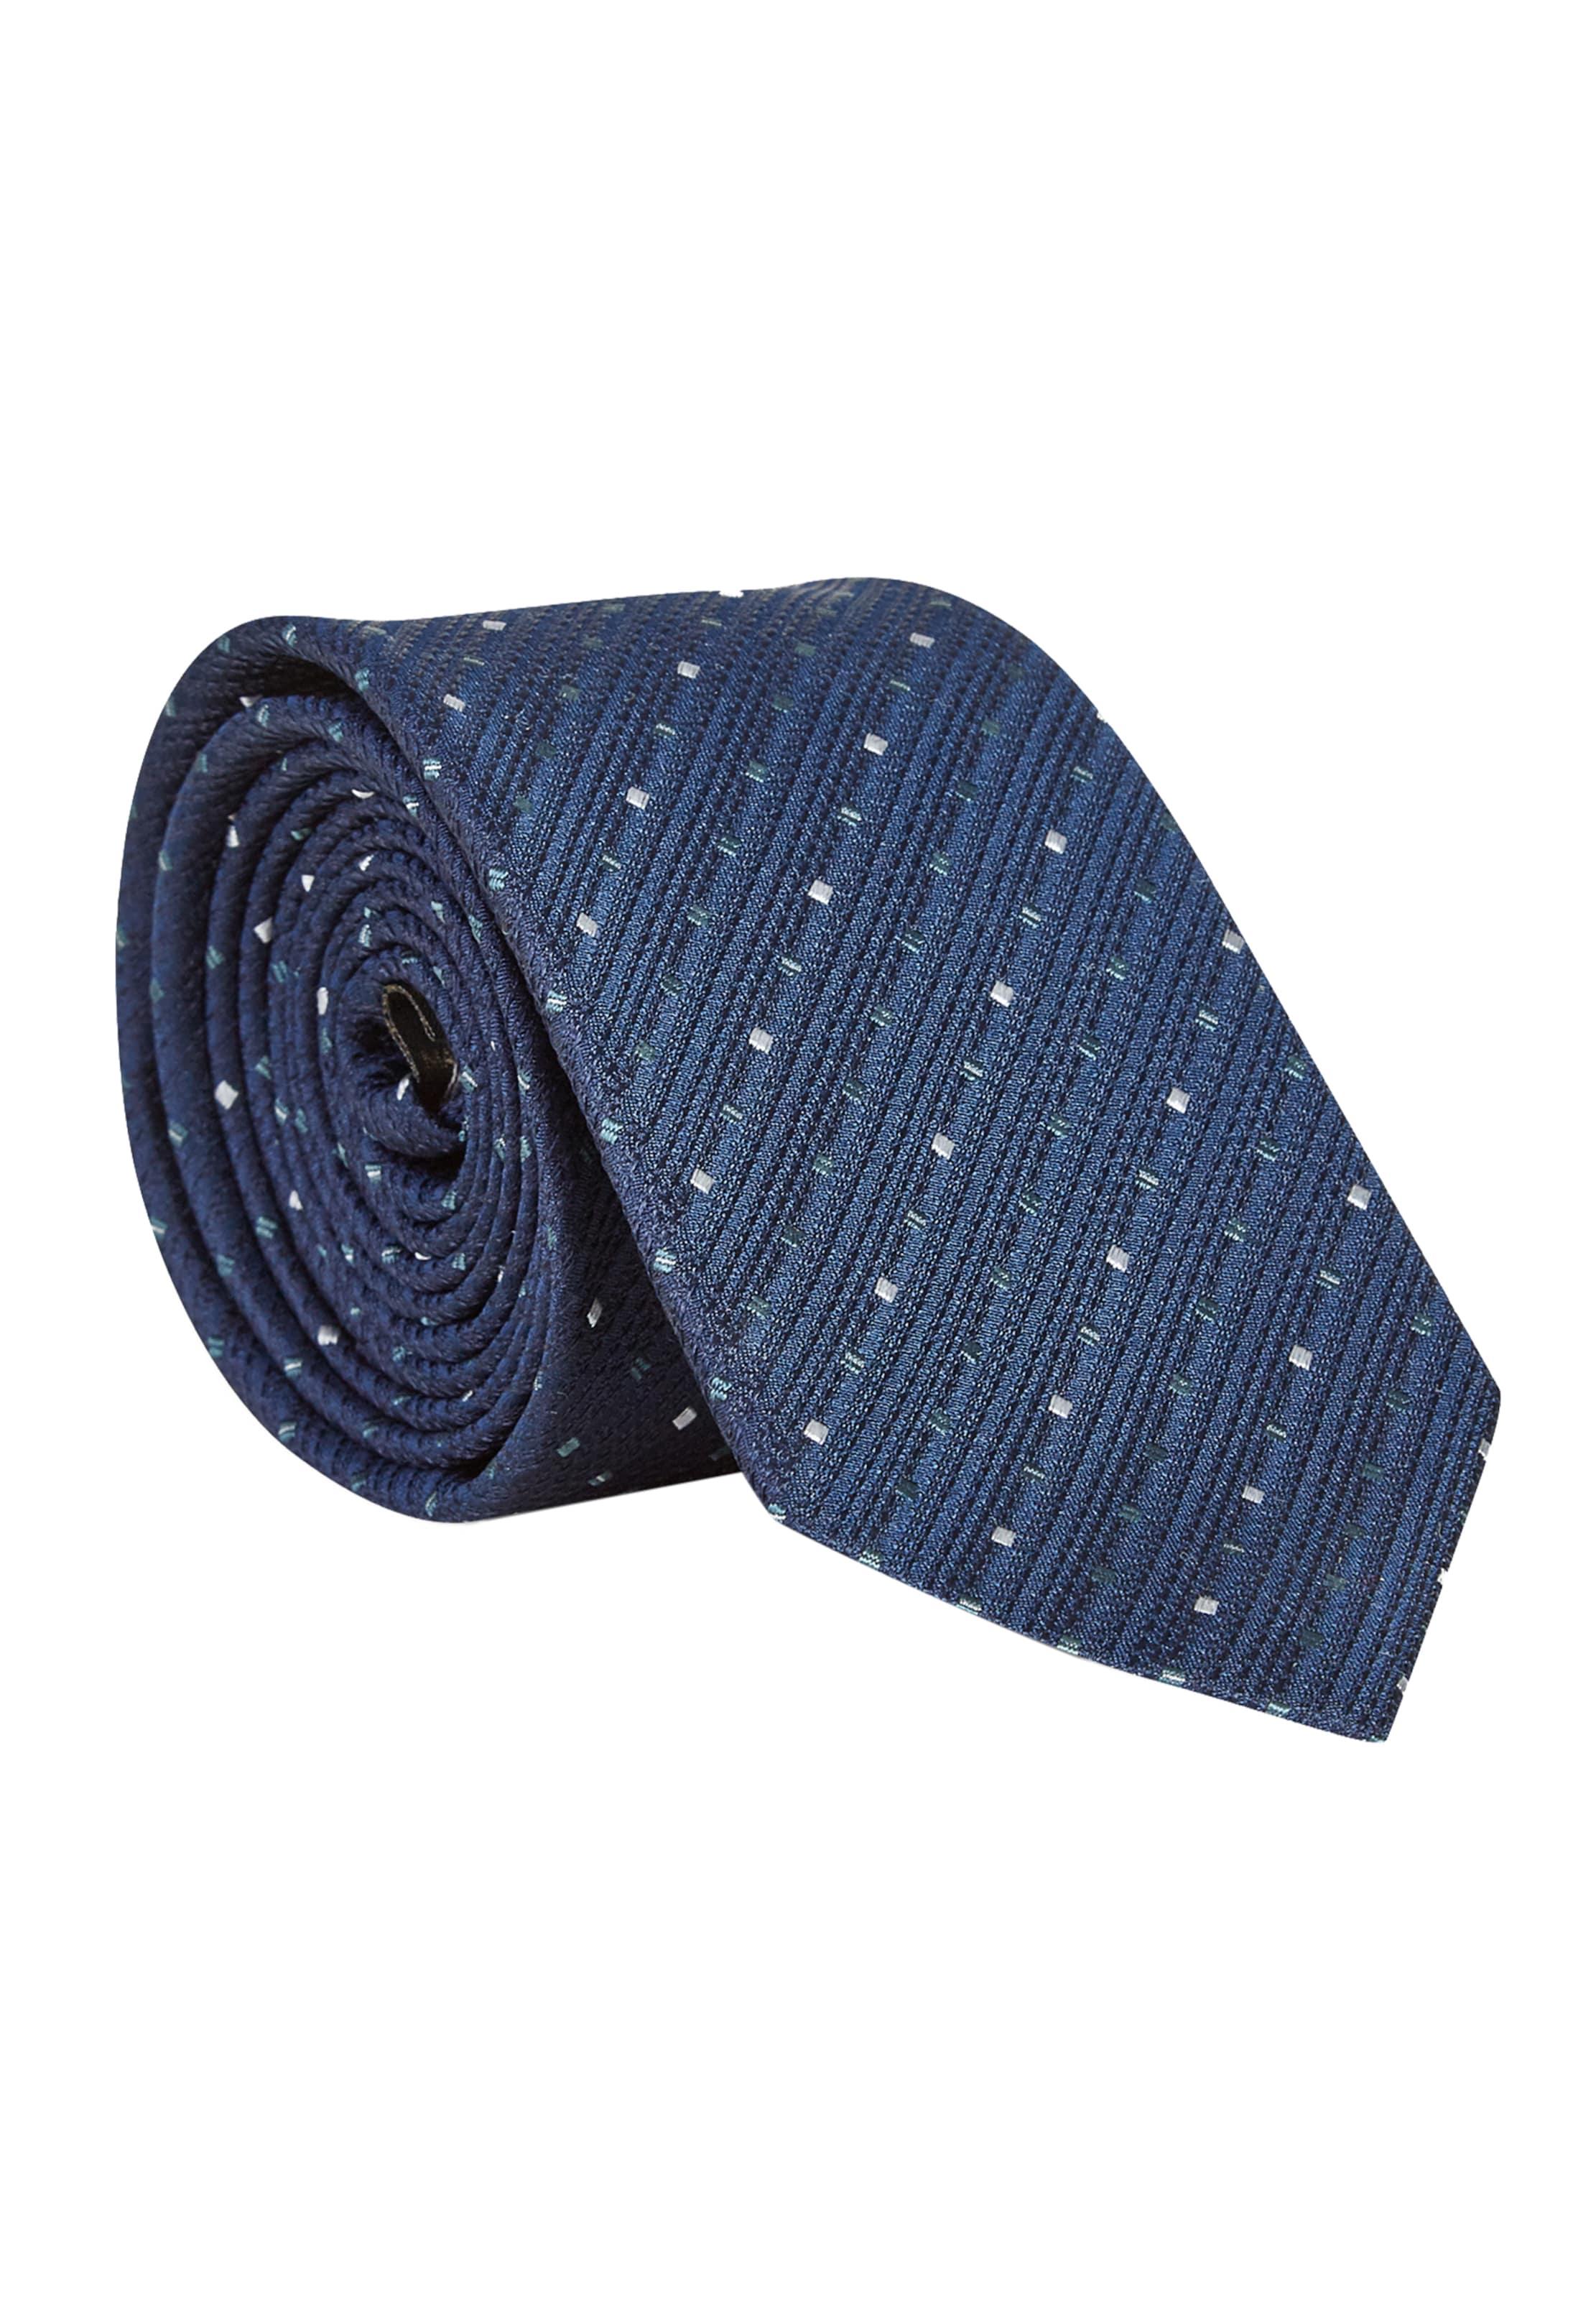 Business Daniel krawatte Dunkelblau In Hechter tsdhxrQC